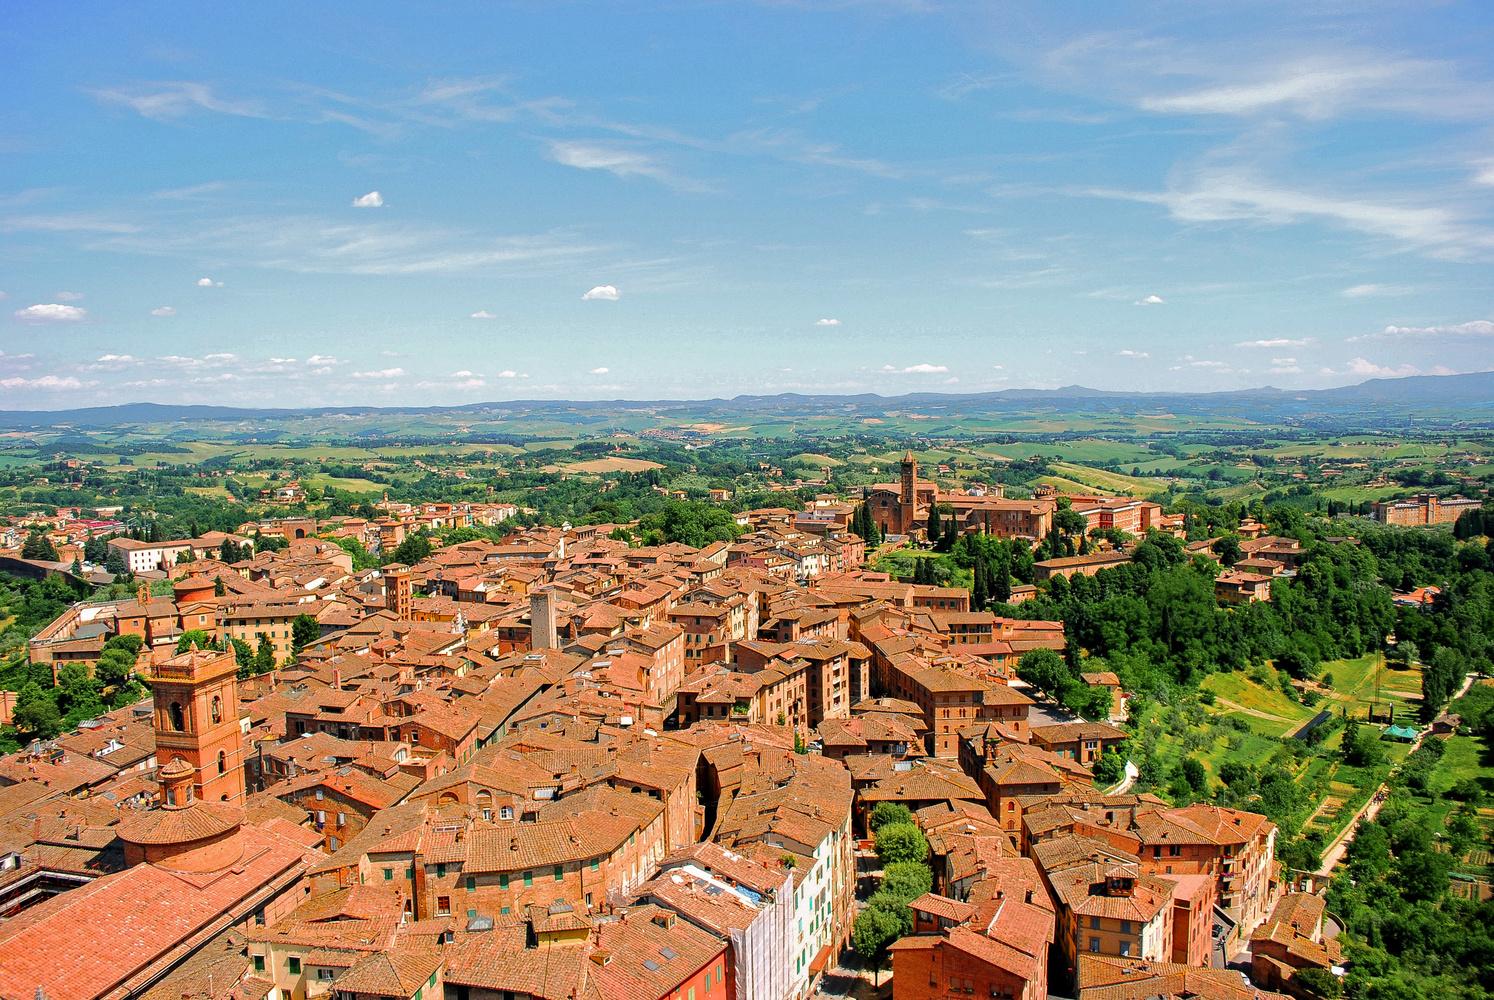 Tuscany by Justin Howard